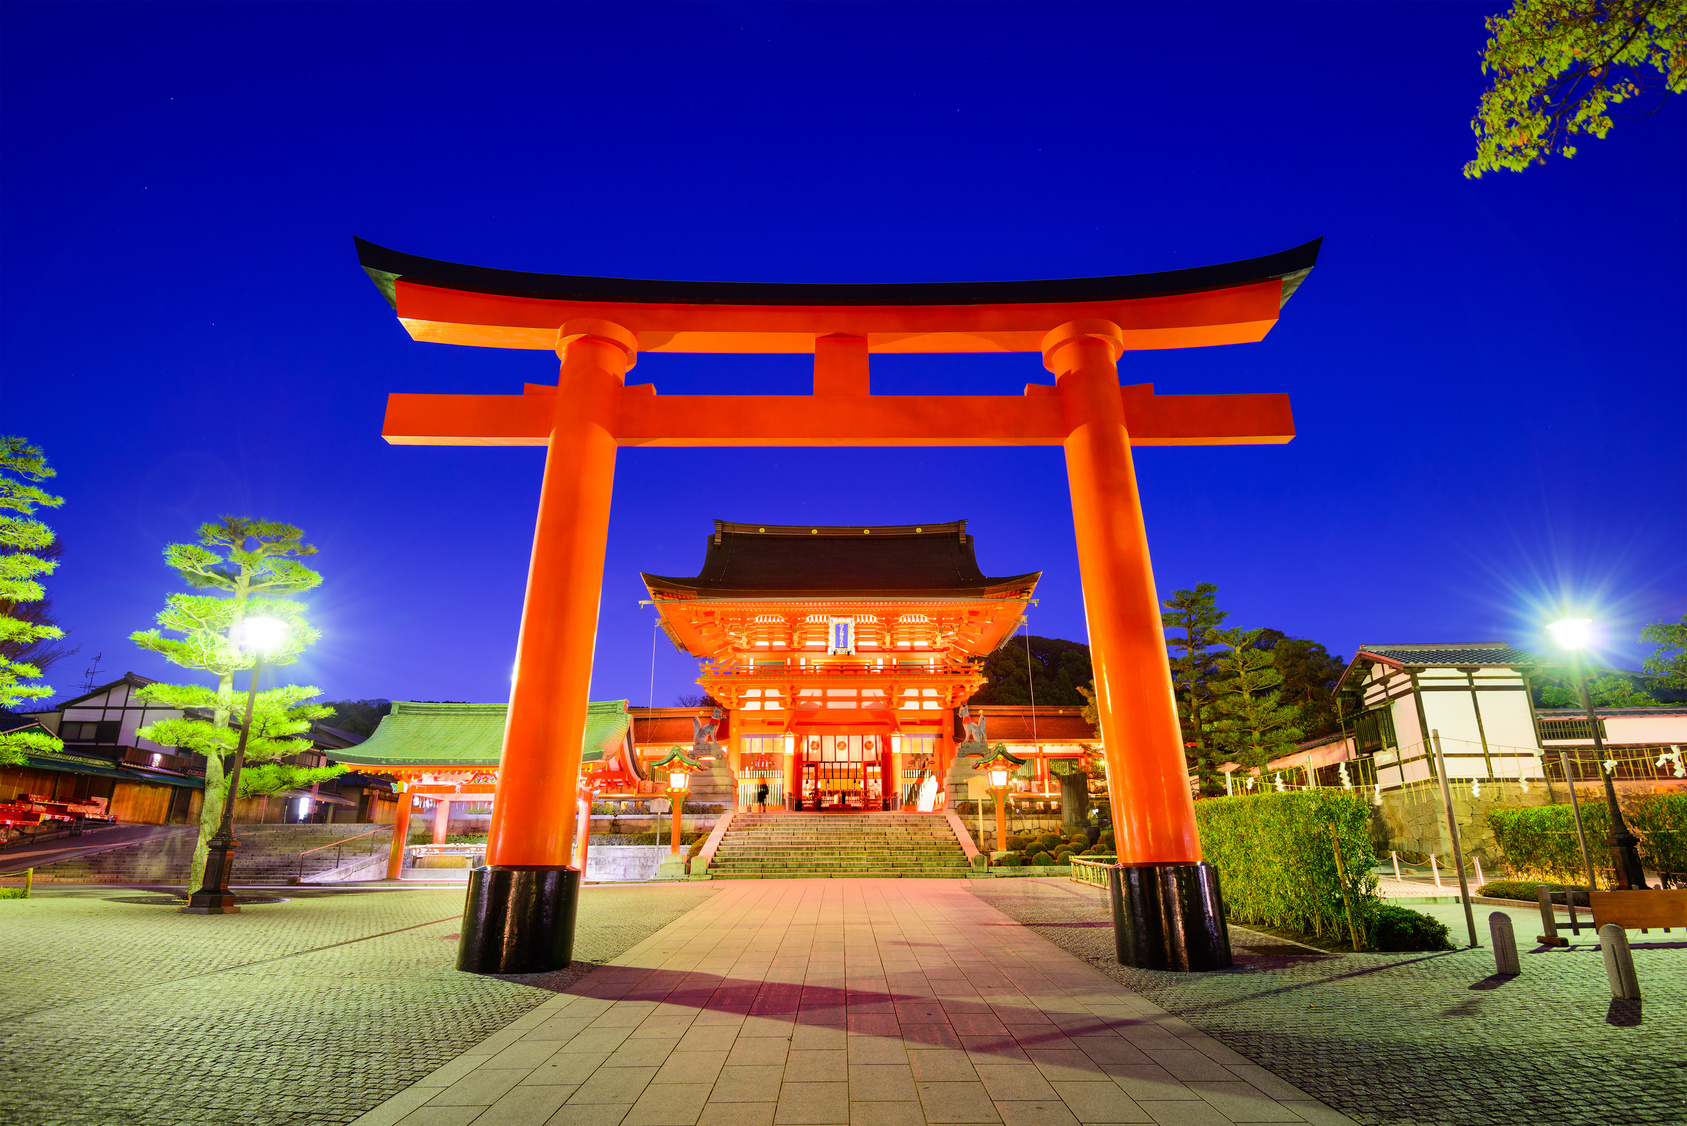 Kiotó utazás - OTP Travel utazási iroda